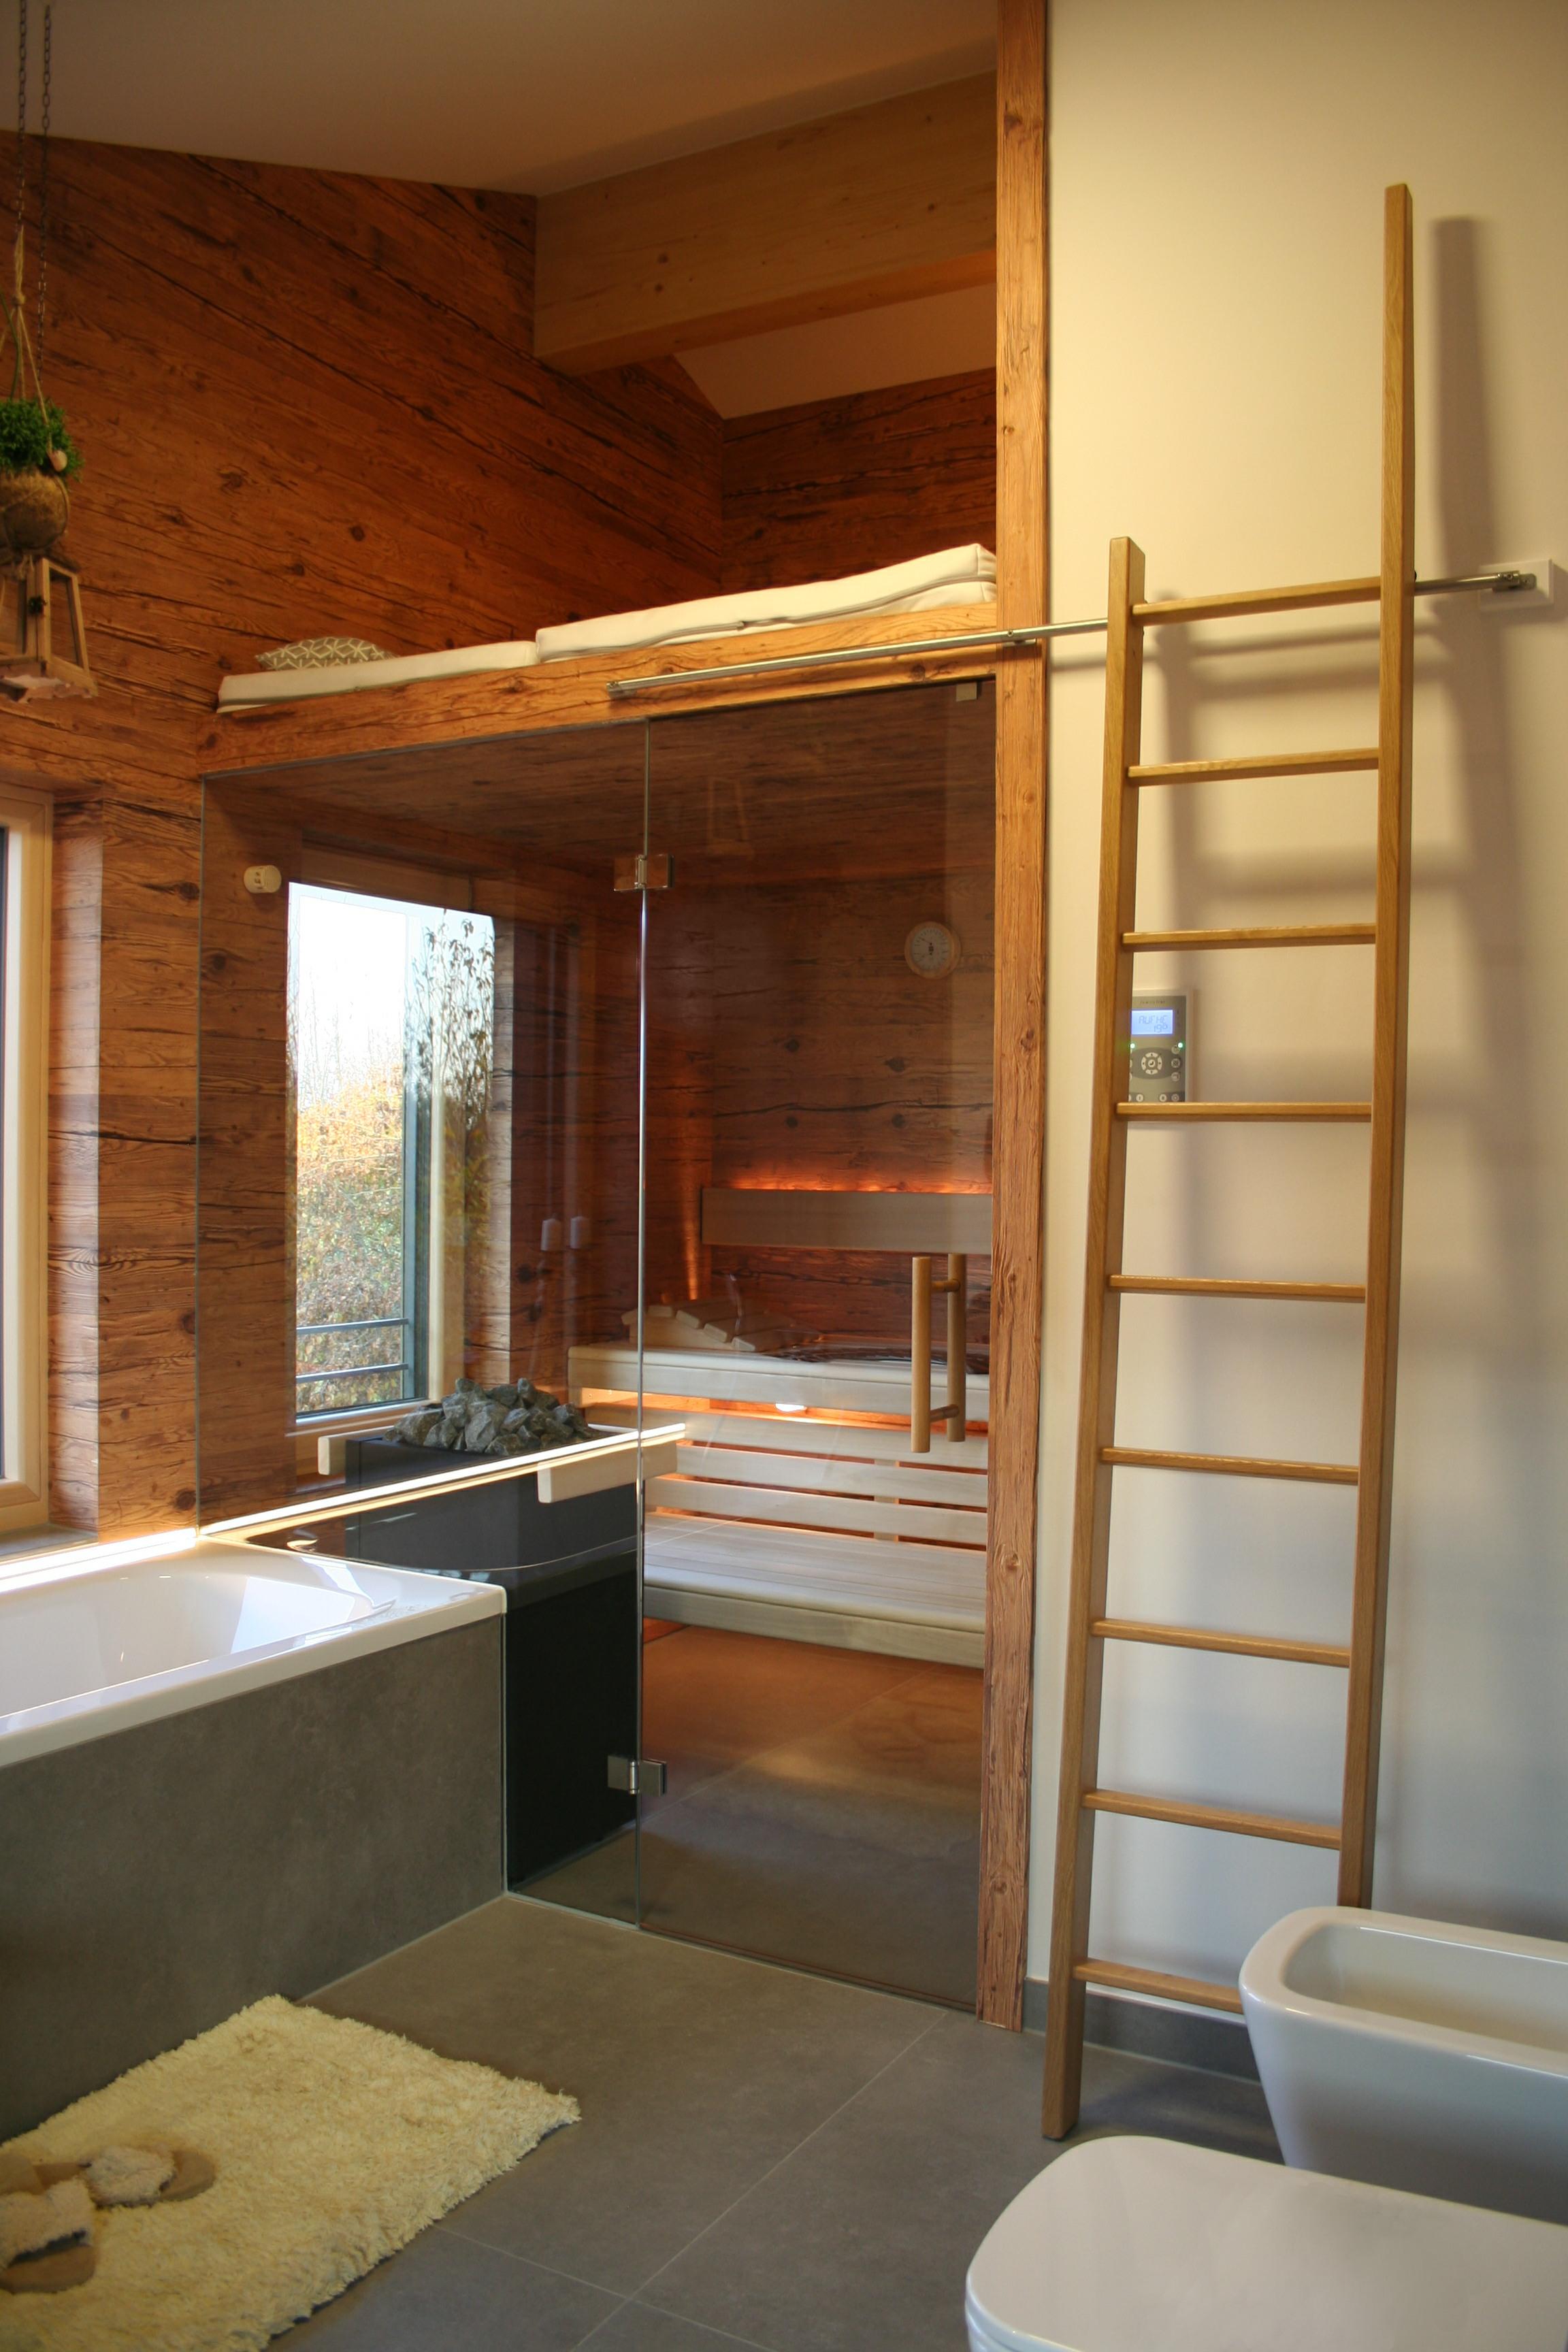 Rustikal grandl sauna und innenausbau gmbh - Badezimmer sauna ...